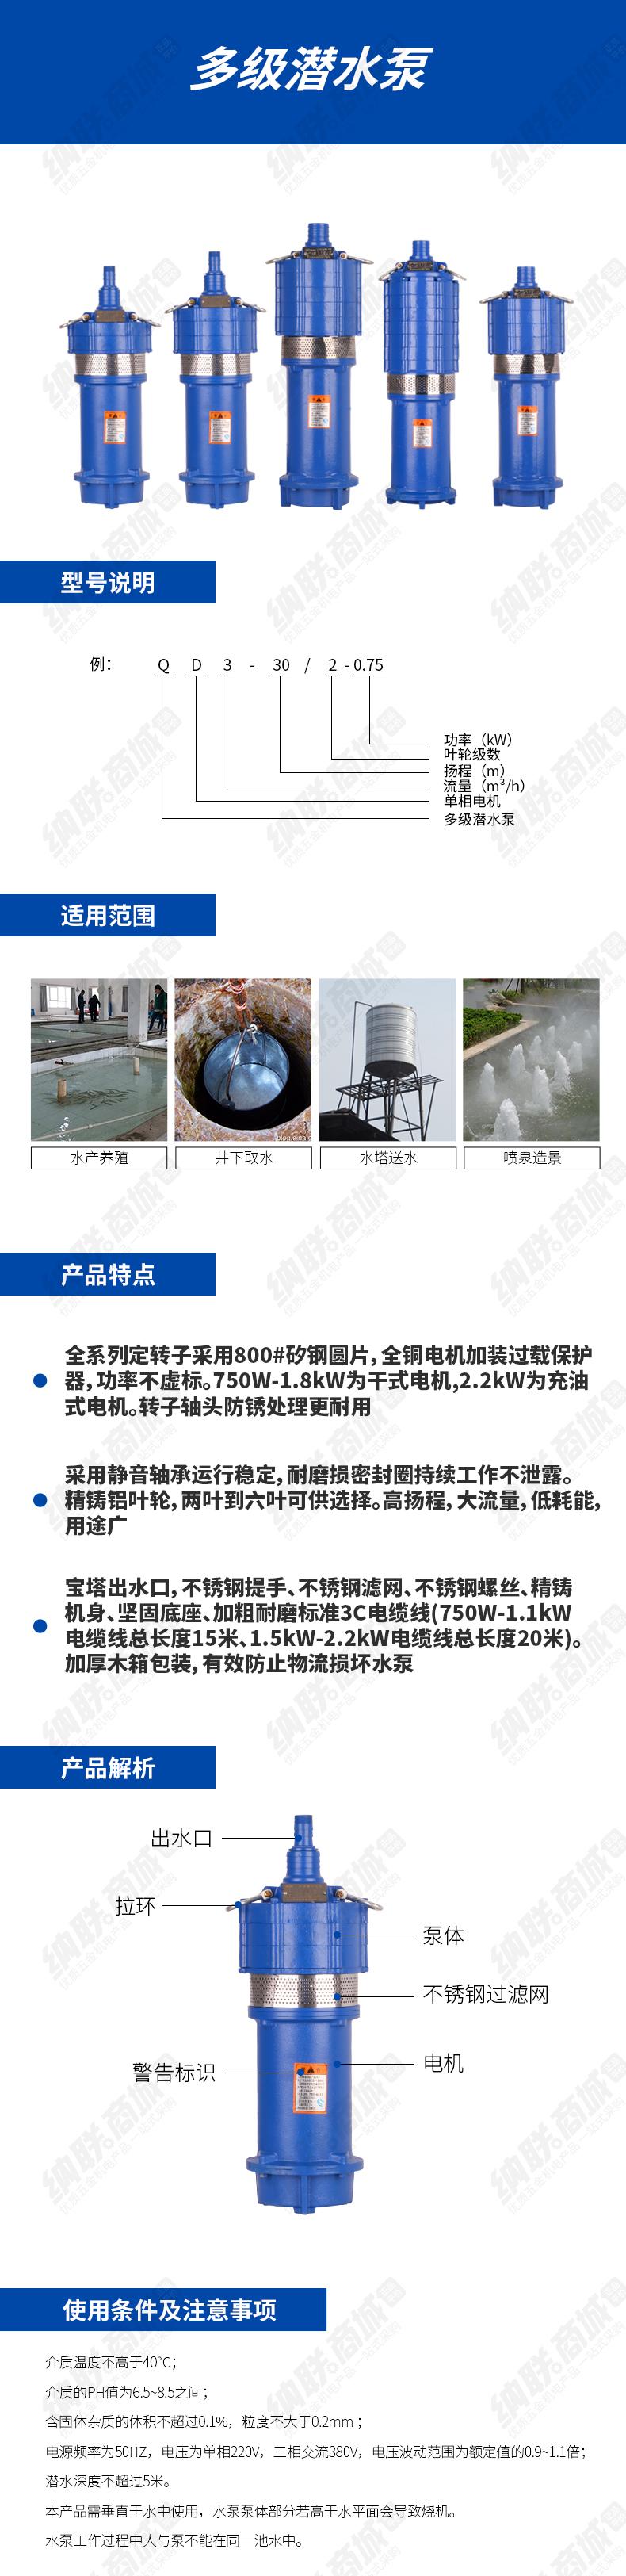 东桥多级潜水泵.jpg